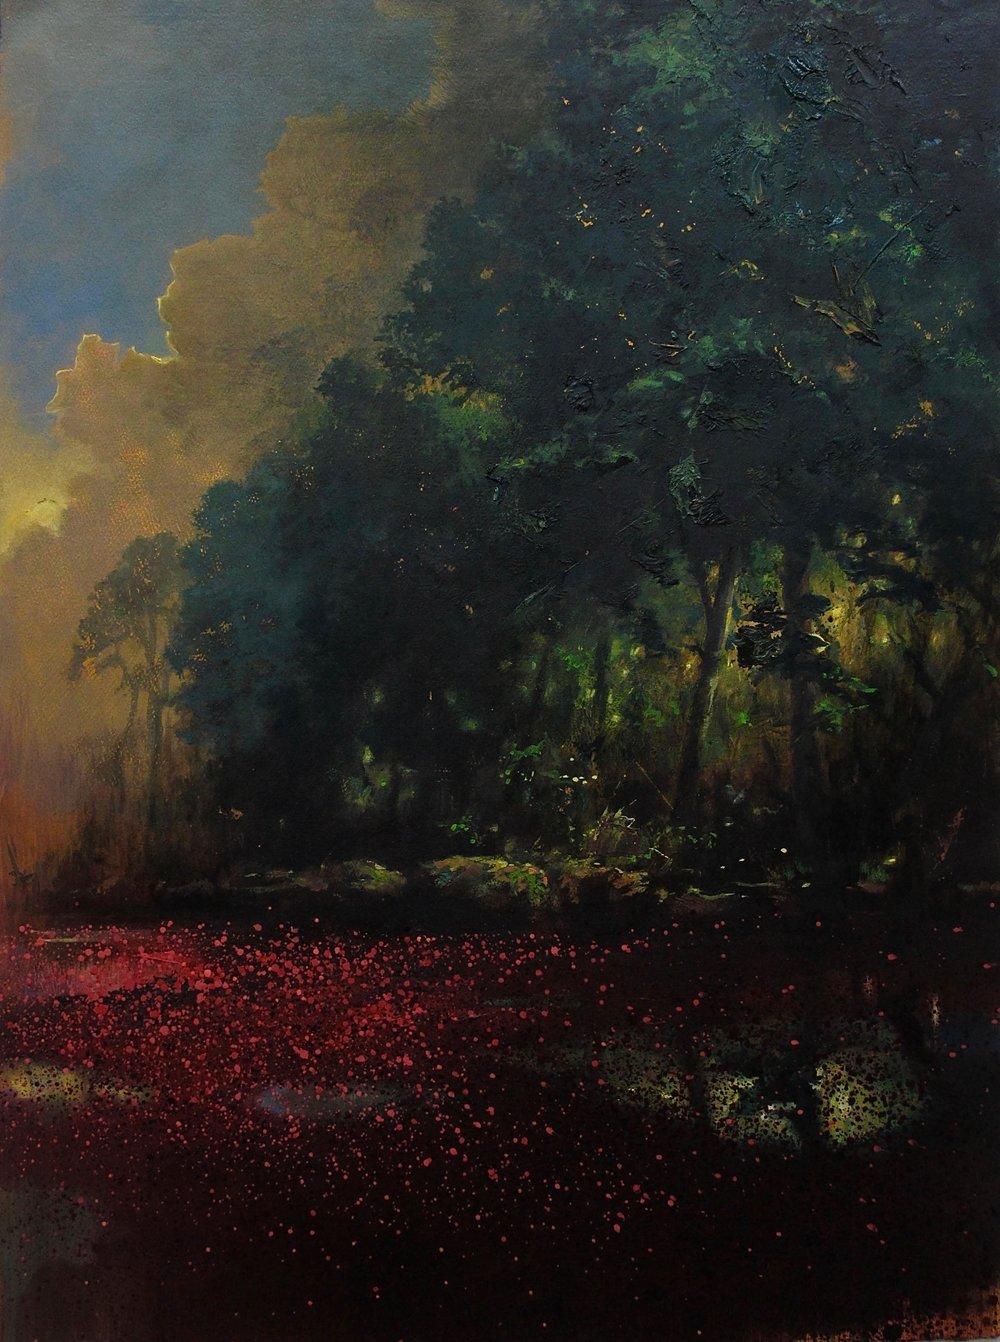 Bog/Trees (1841)